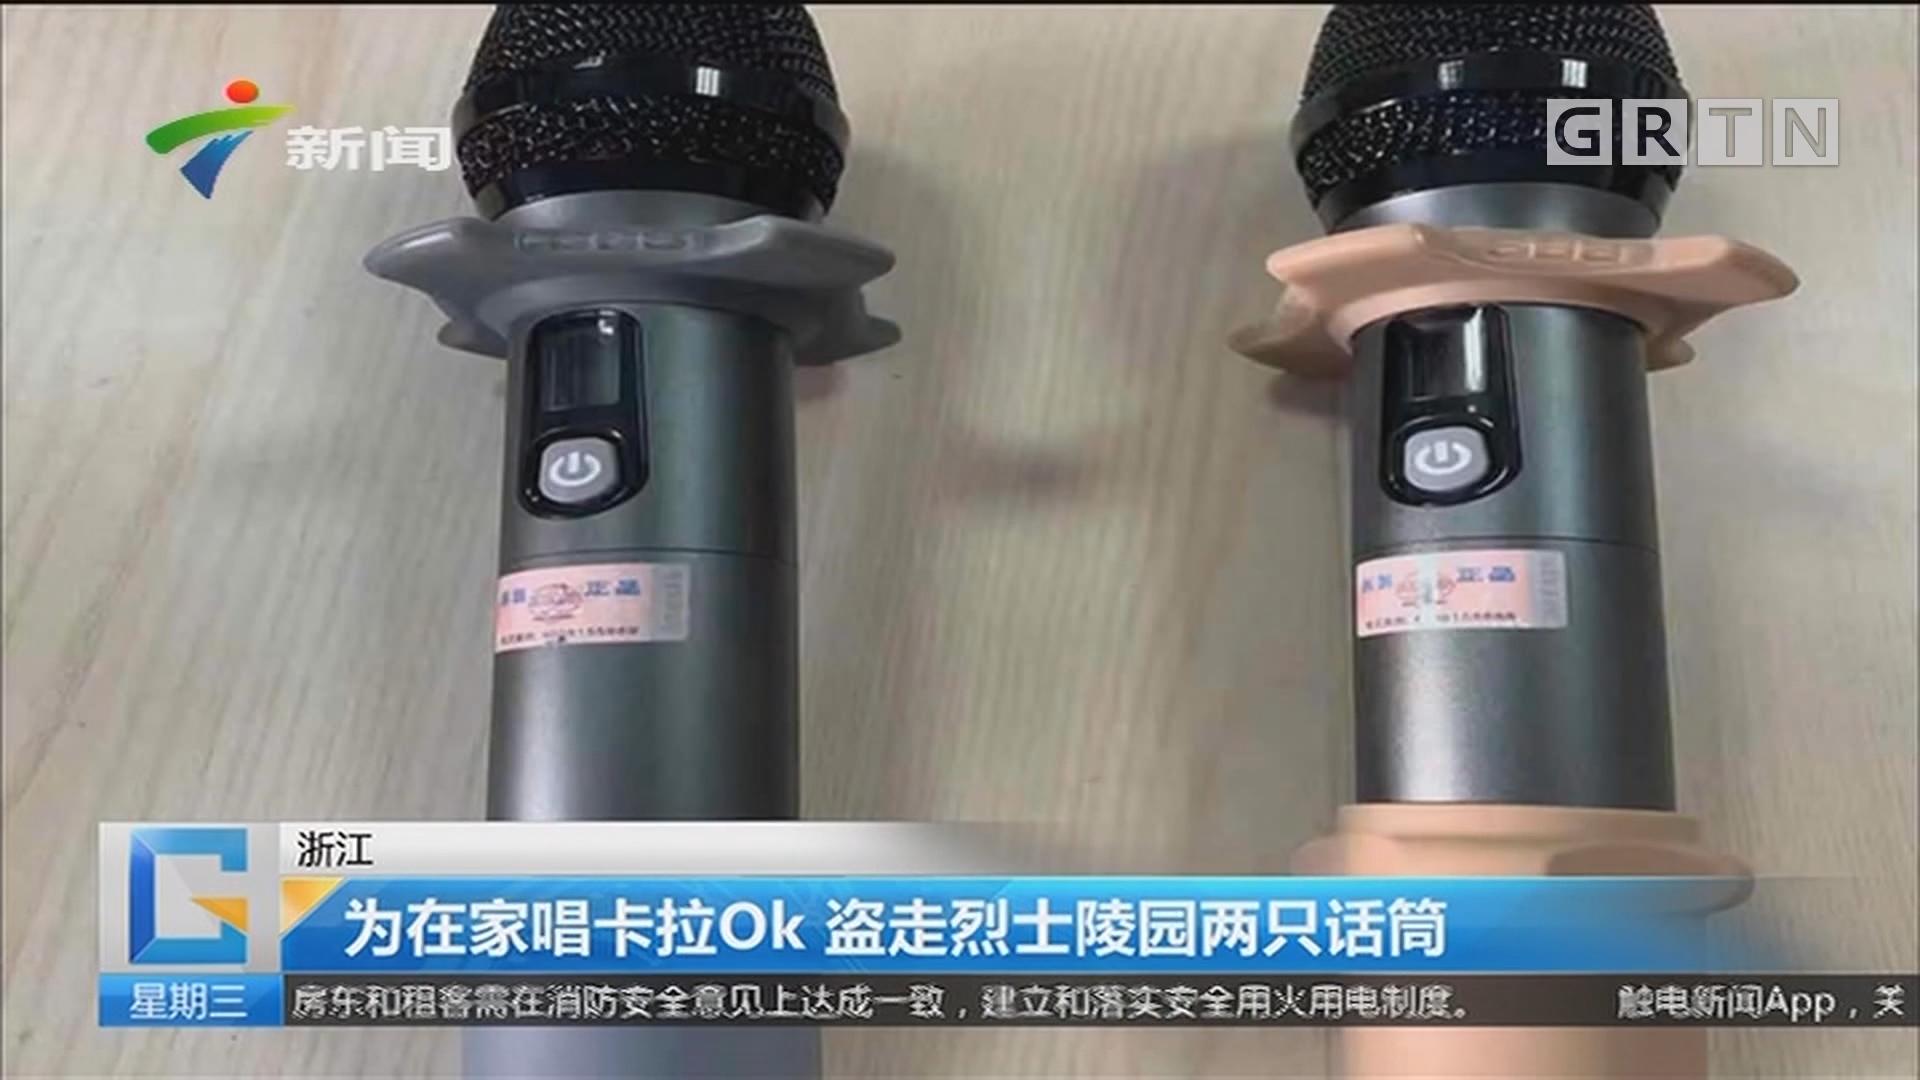 浙江:为在家唱卡拉OK 盗走烈士陵园两只话筒